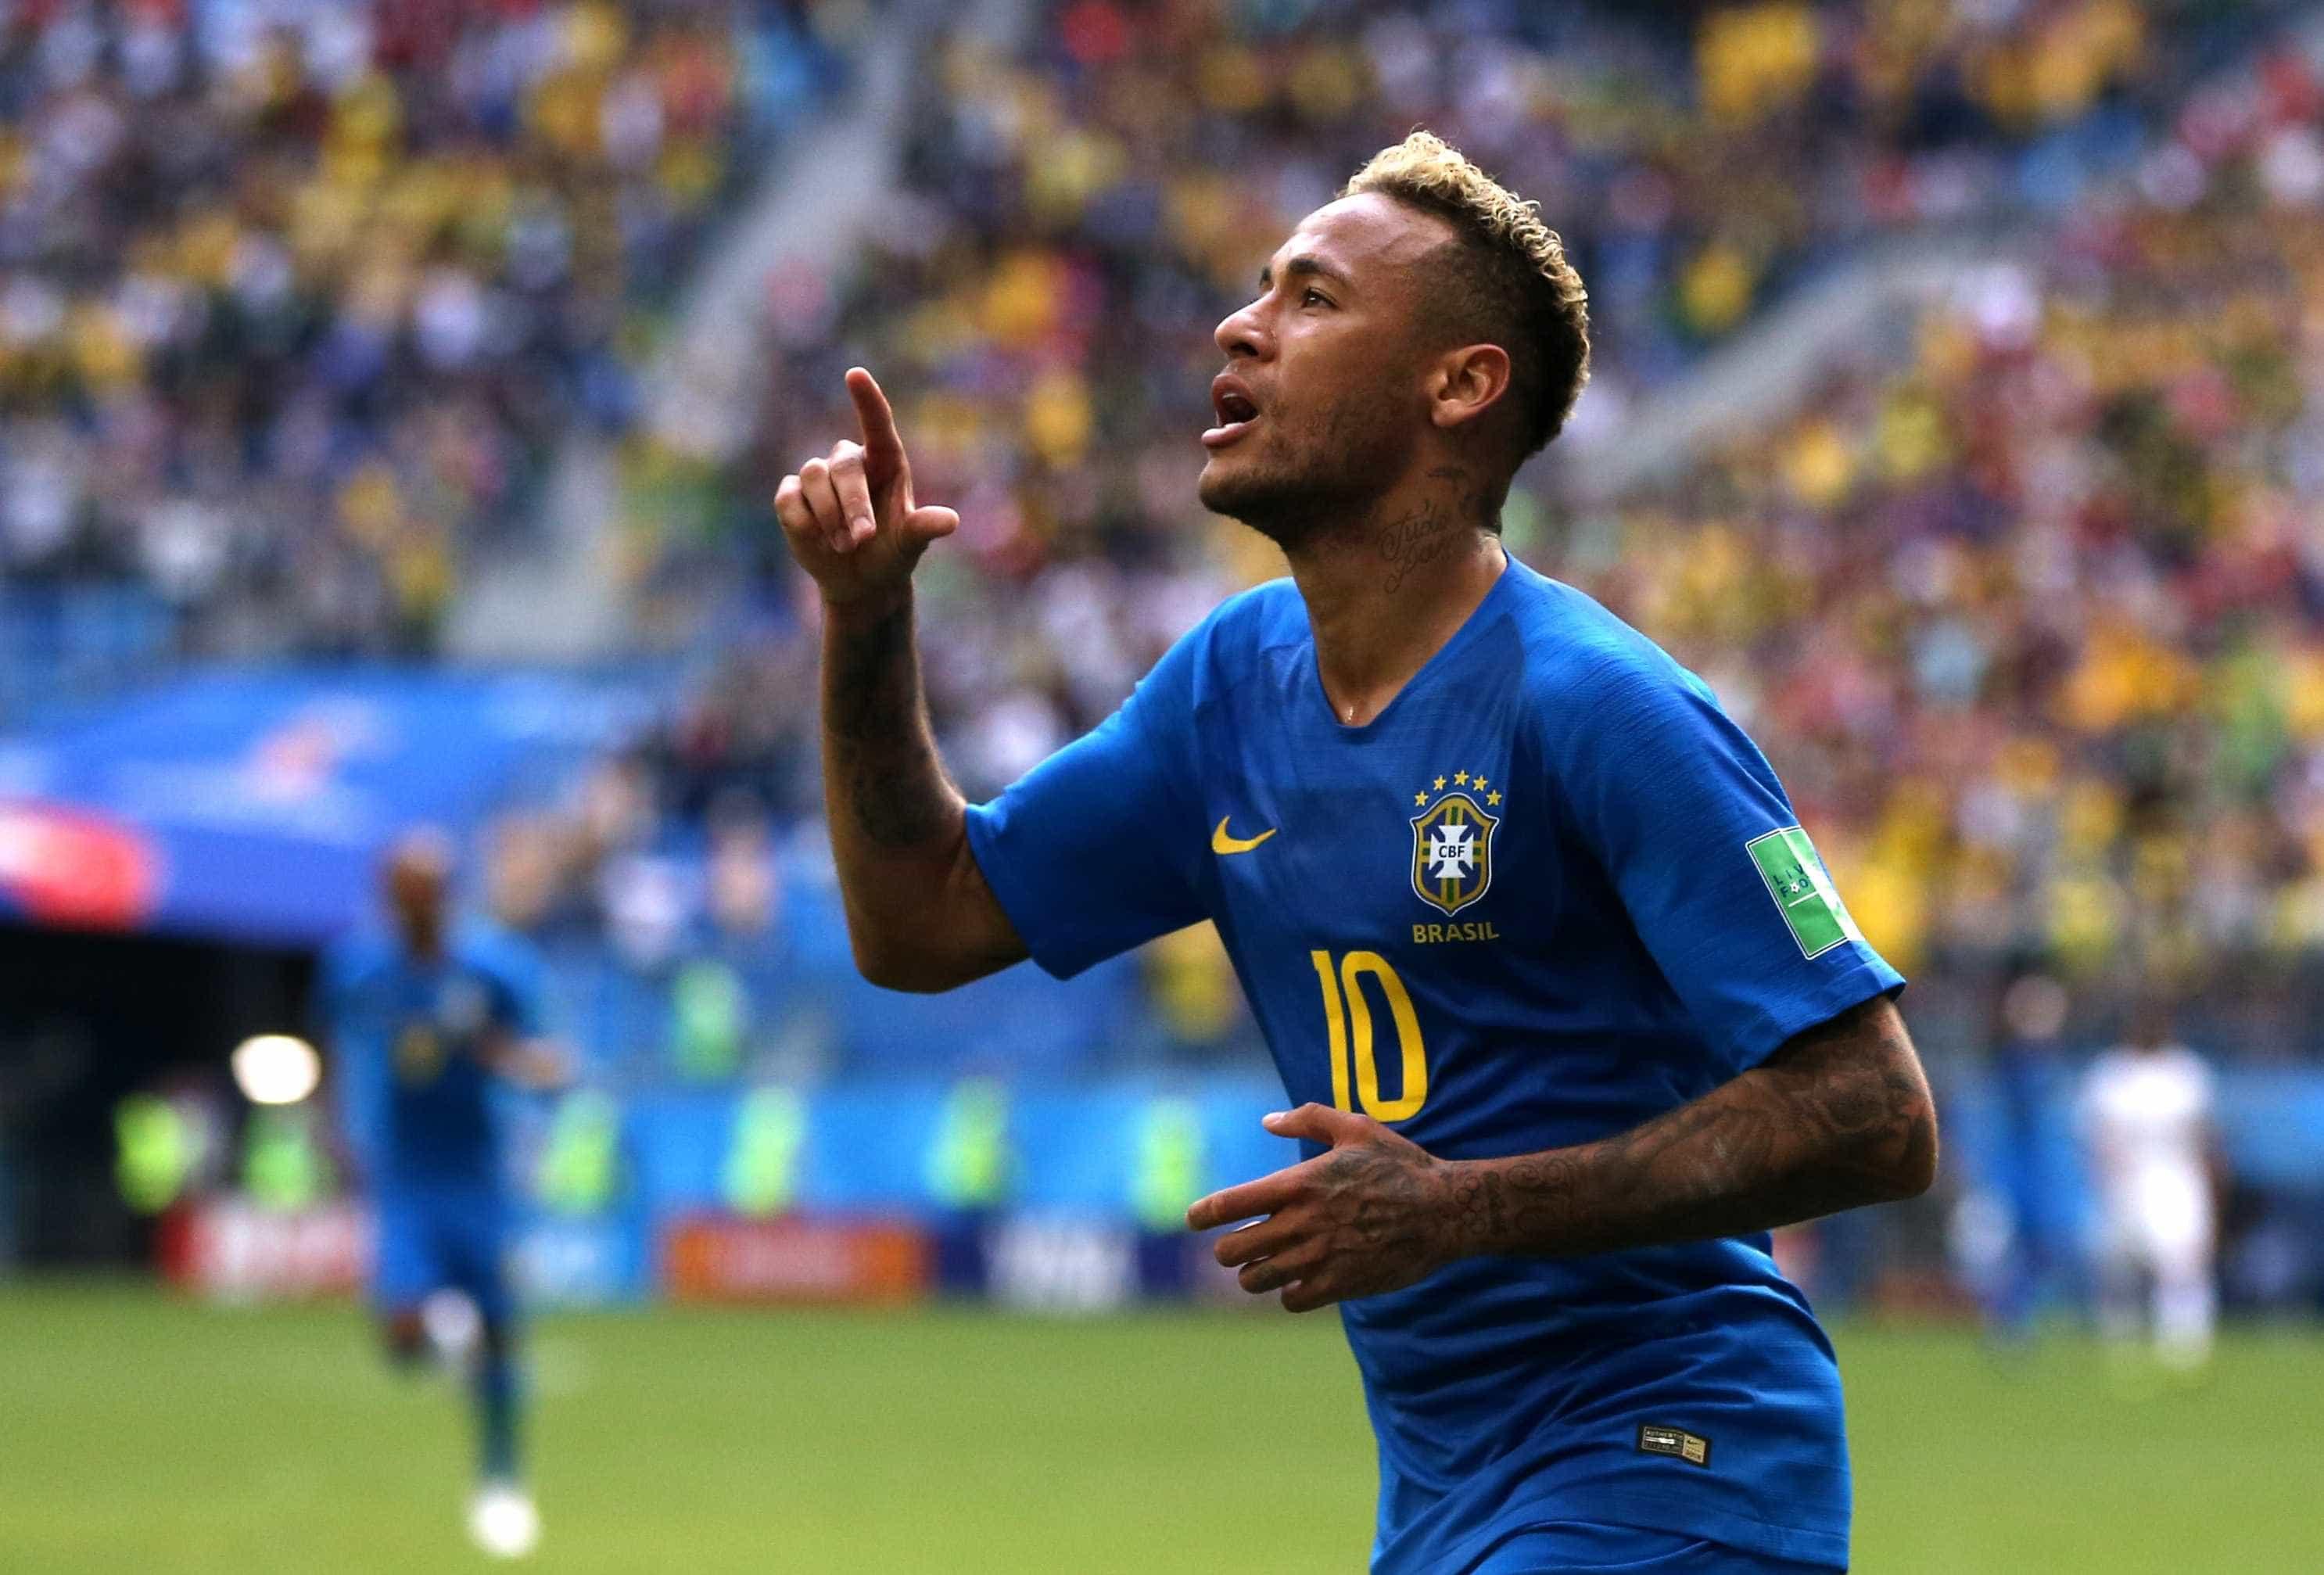 Brasil vence a Costa Rica com milagre de Coutinho e lágrimas de Neymar